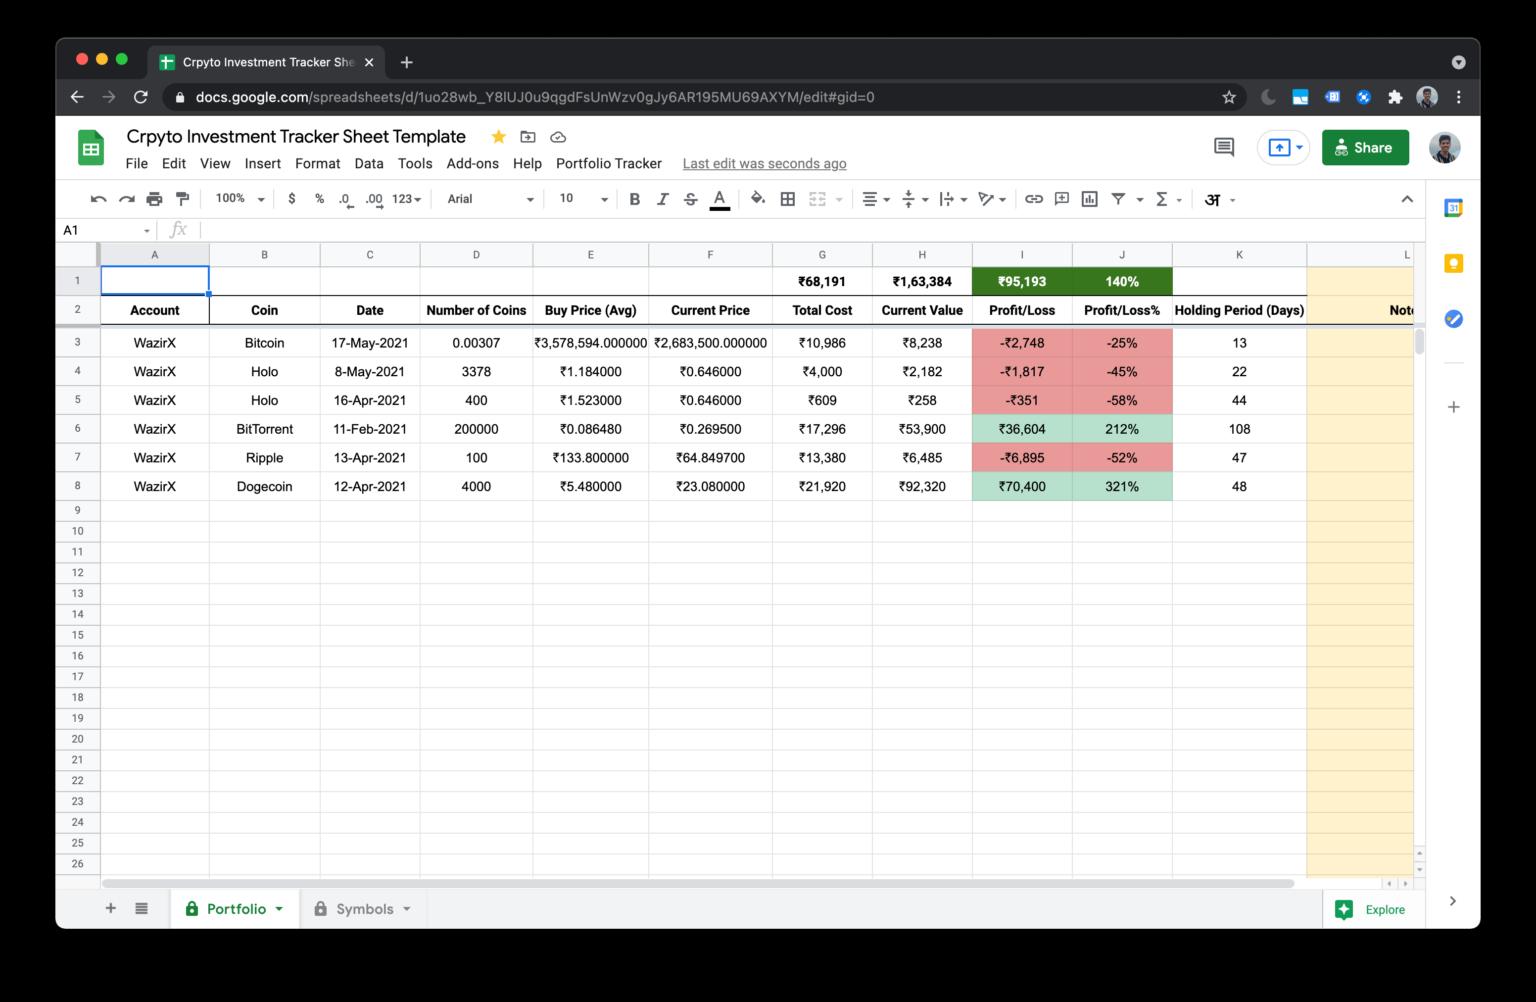 Cyptocurrency spreadsheet tracker WazirX